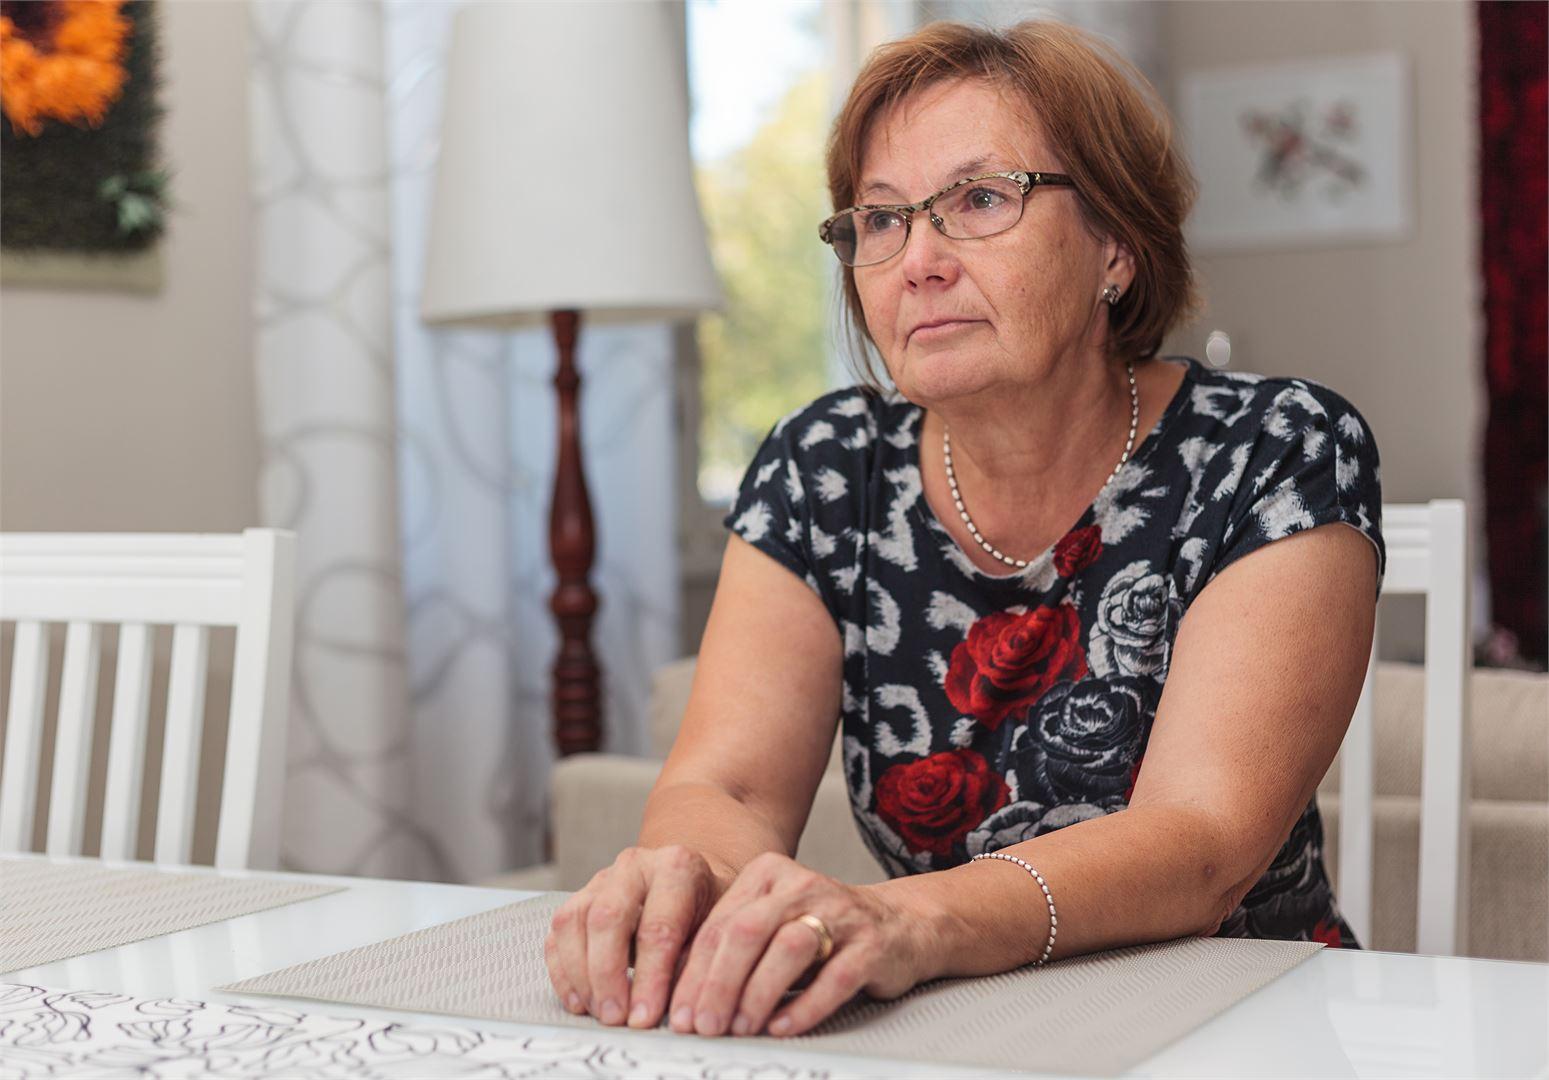 Marja-Leena ei aio antaa sairauden estää elämäänsä. Kuva Satu Keski-Rahkonen